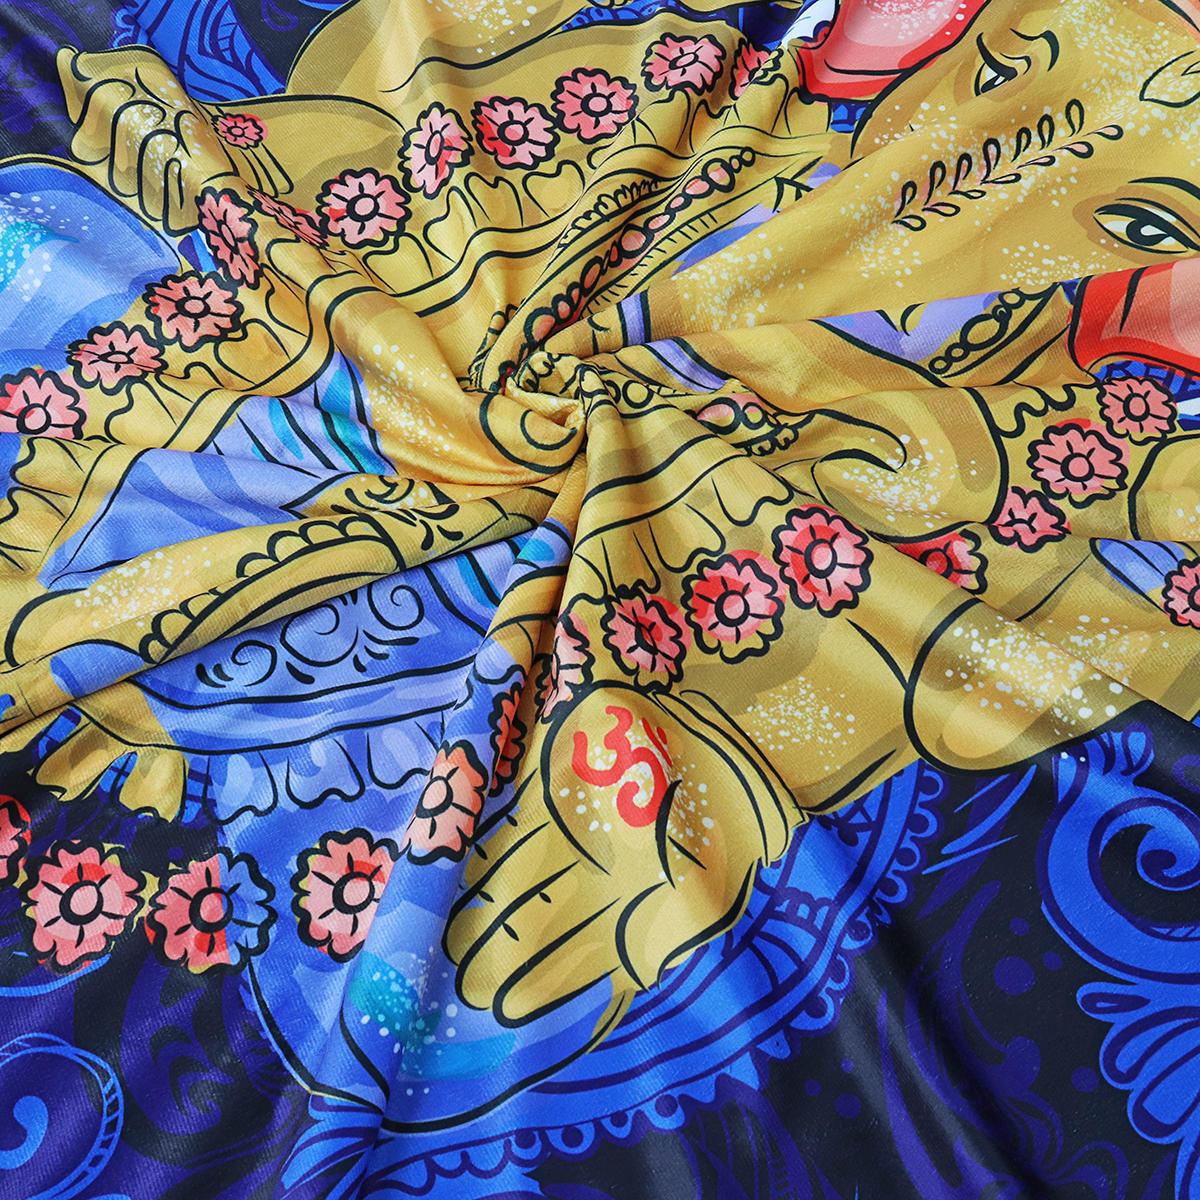 MantasdetiroencapuchadoIndianGanesha Wearable Soft cálido sofá cama cubierta - 7